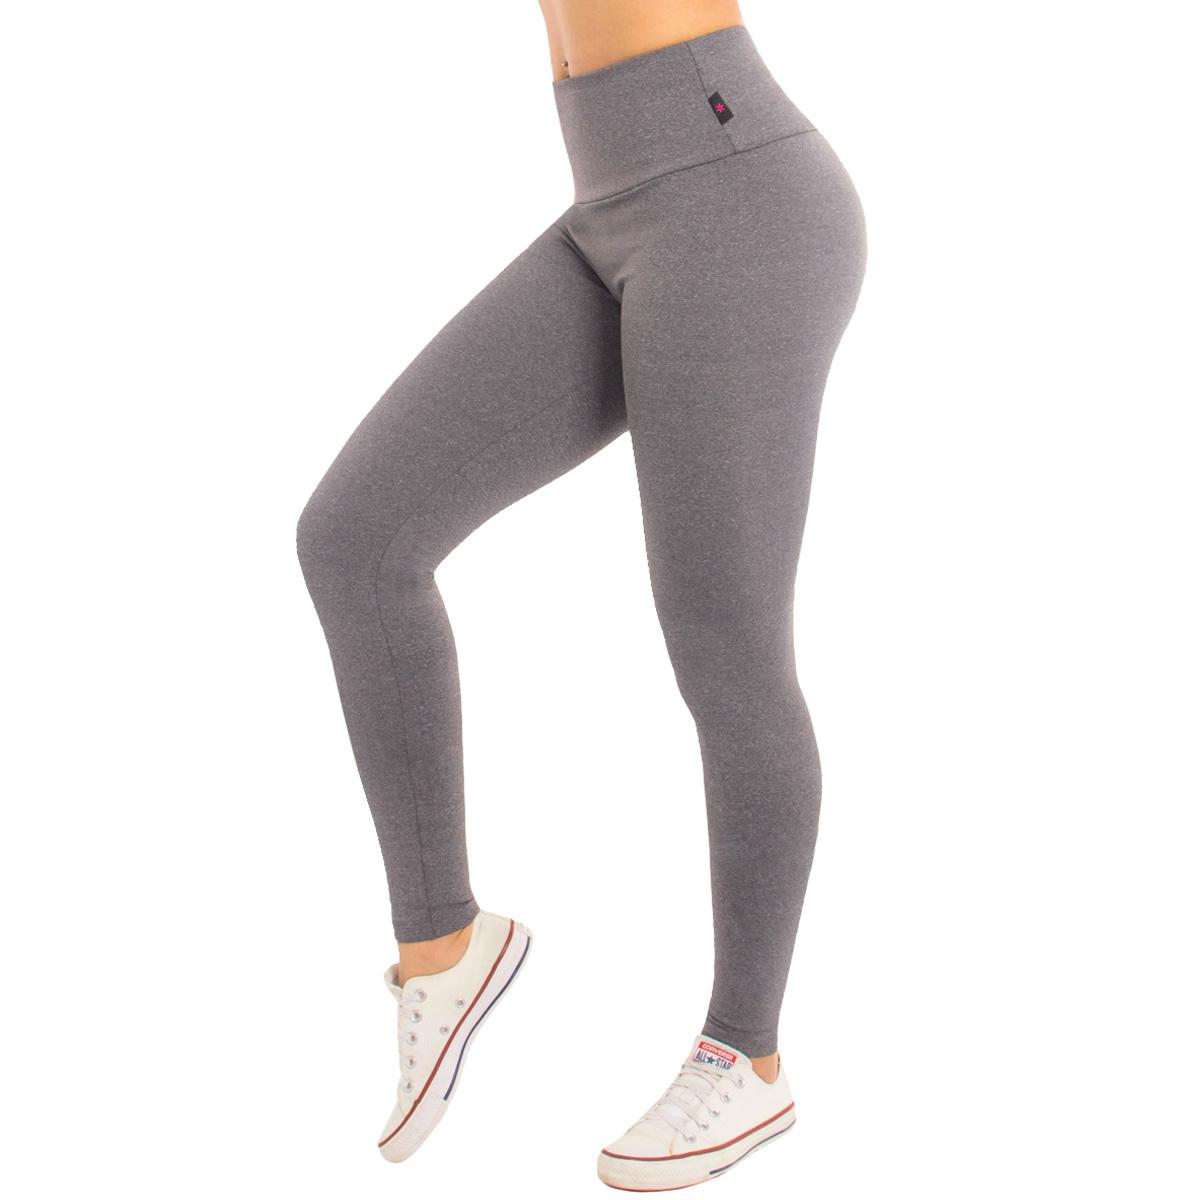 Calça Legging Peluciada feminina - Dicors